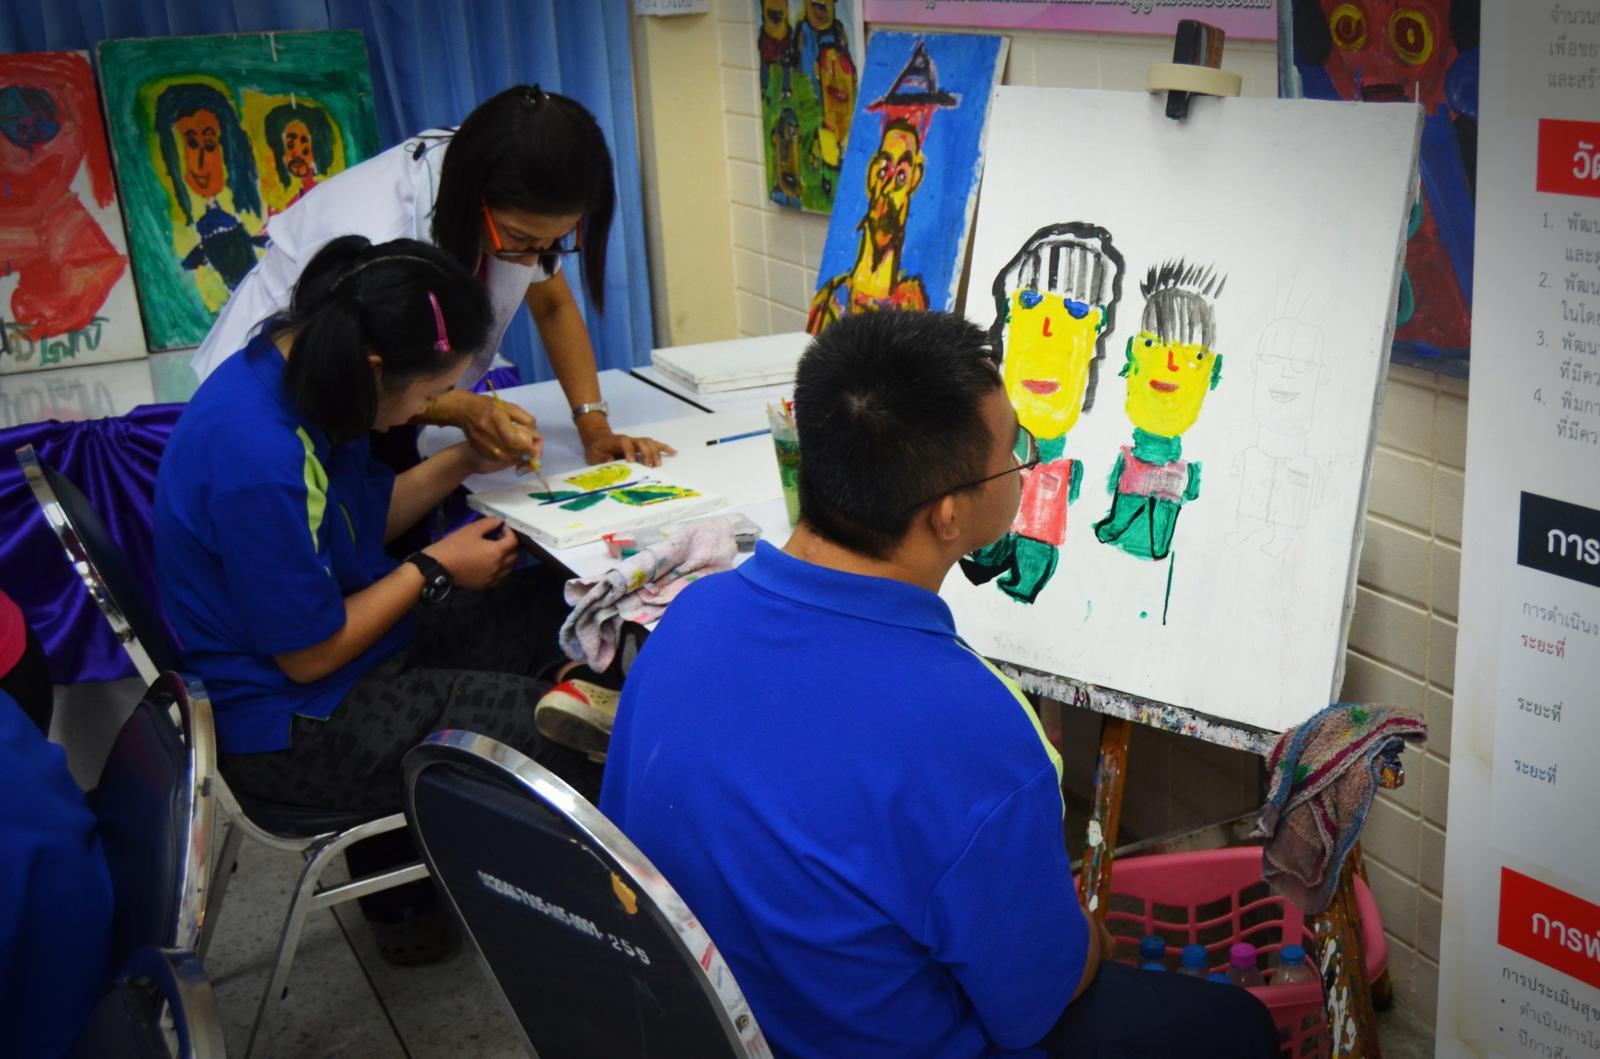 สถาบันราชานุกูล เผย 1 ใน 3 ของเด็กไทย  มีปัญหาพัฒนาการล่าช้า !?